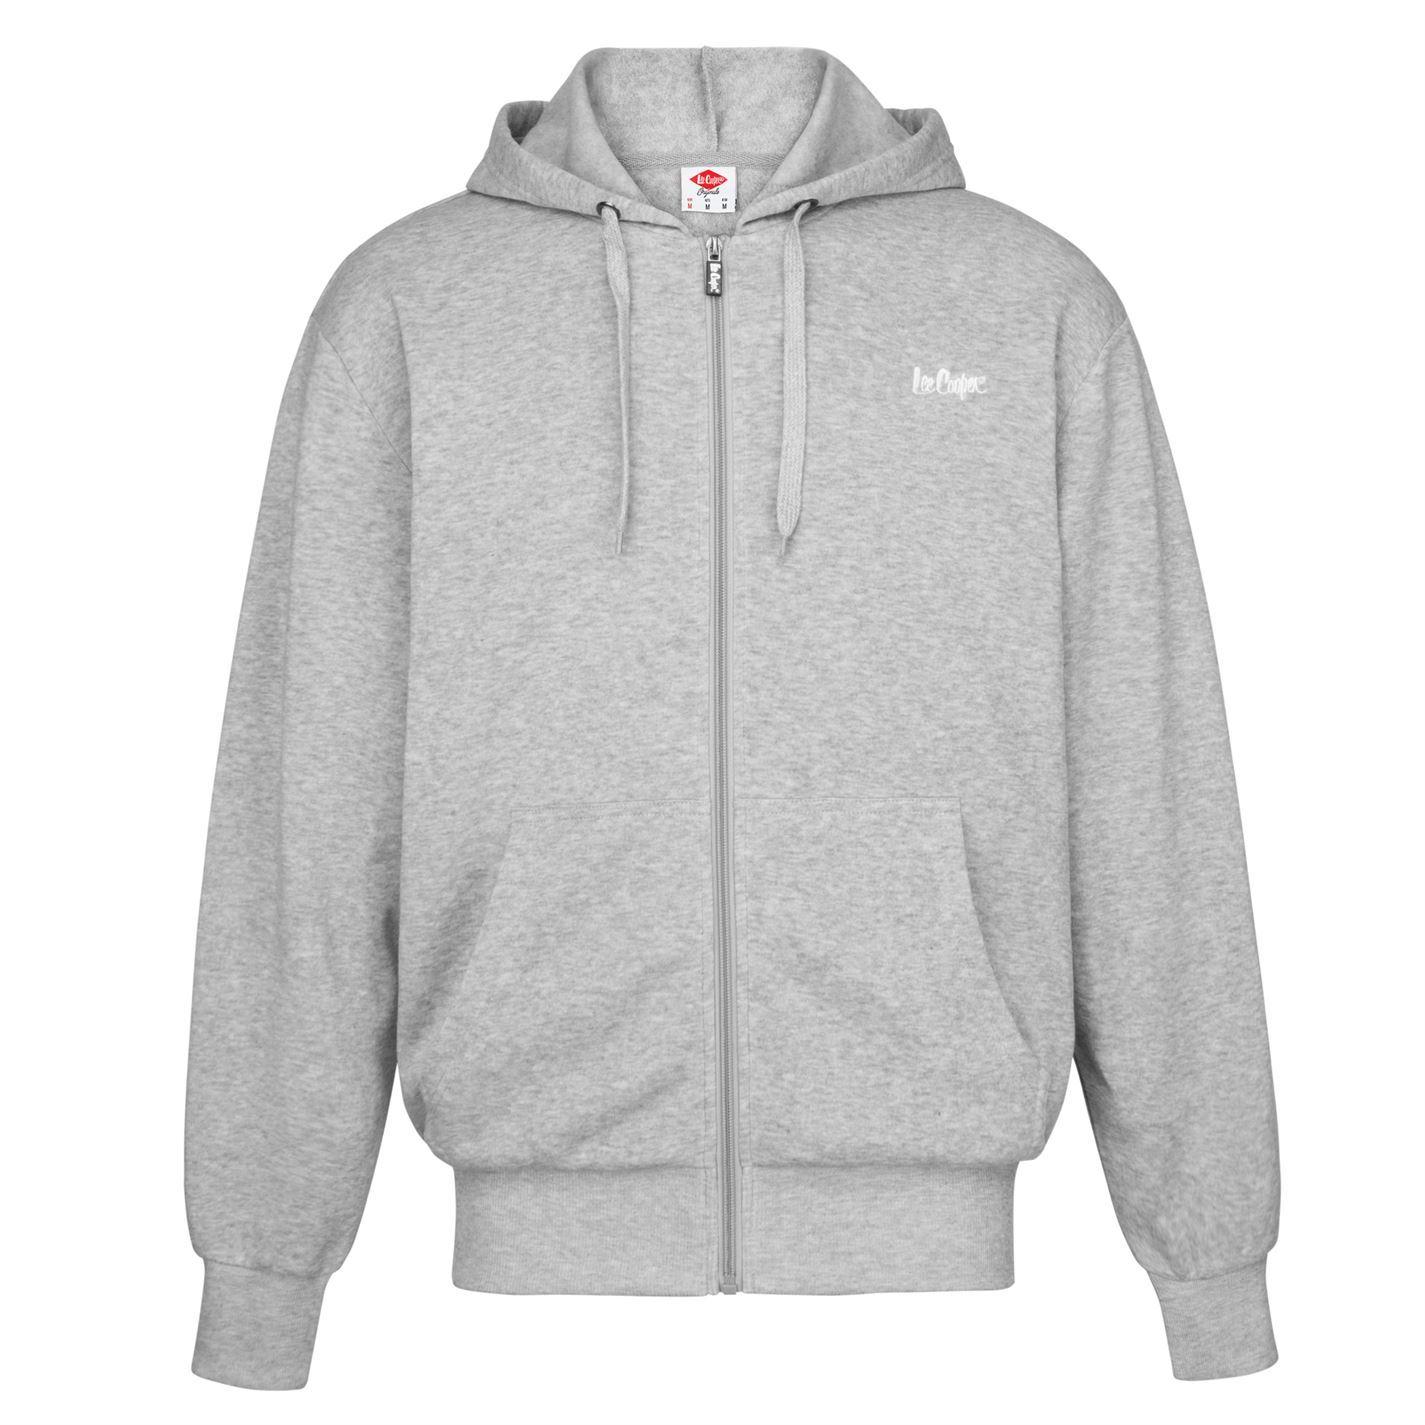 Details about Lee Cooper Full Zip Hoody Mens Grey Hoodie Hooded Jacket Sweatshirt Top